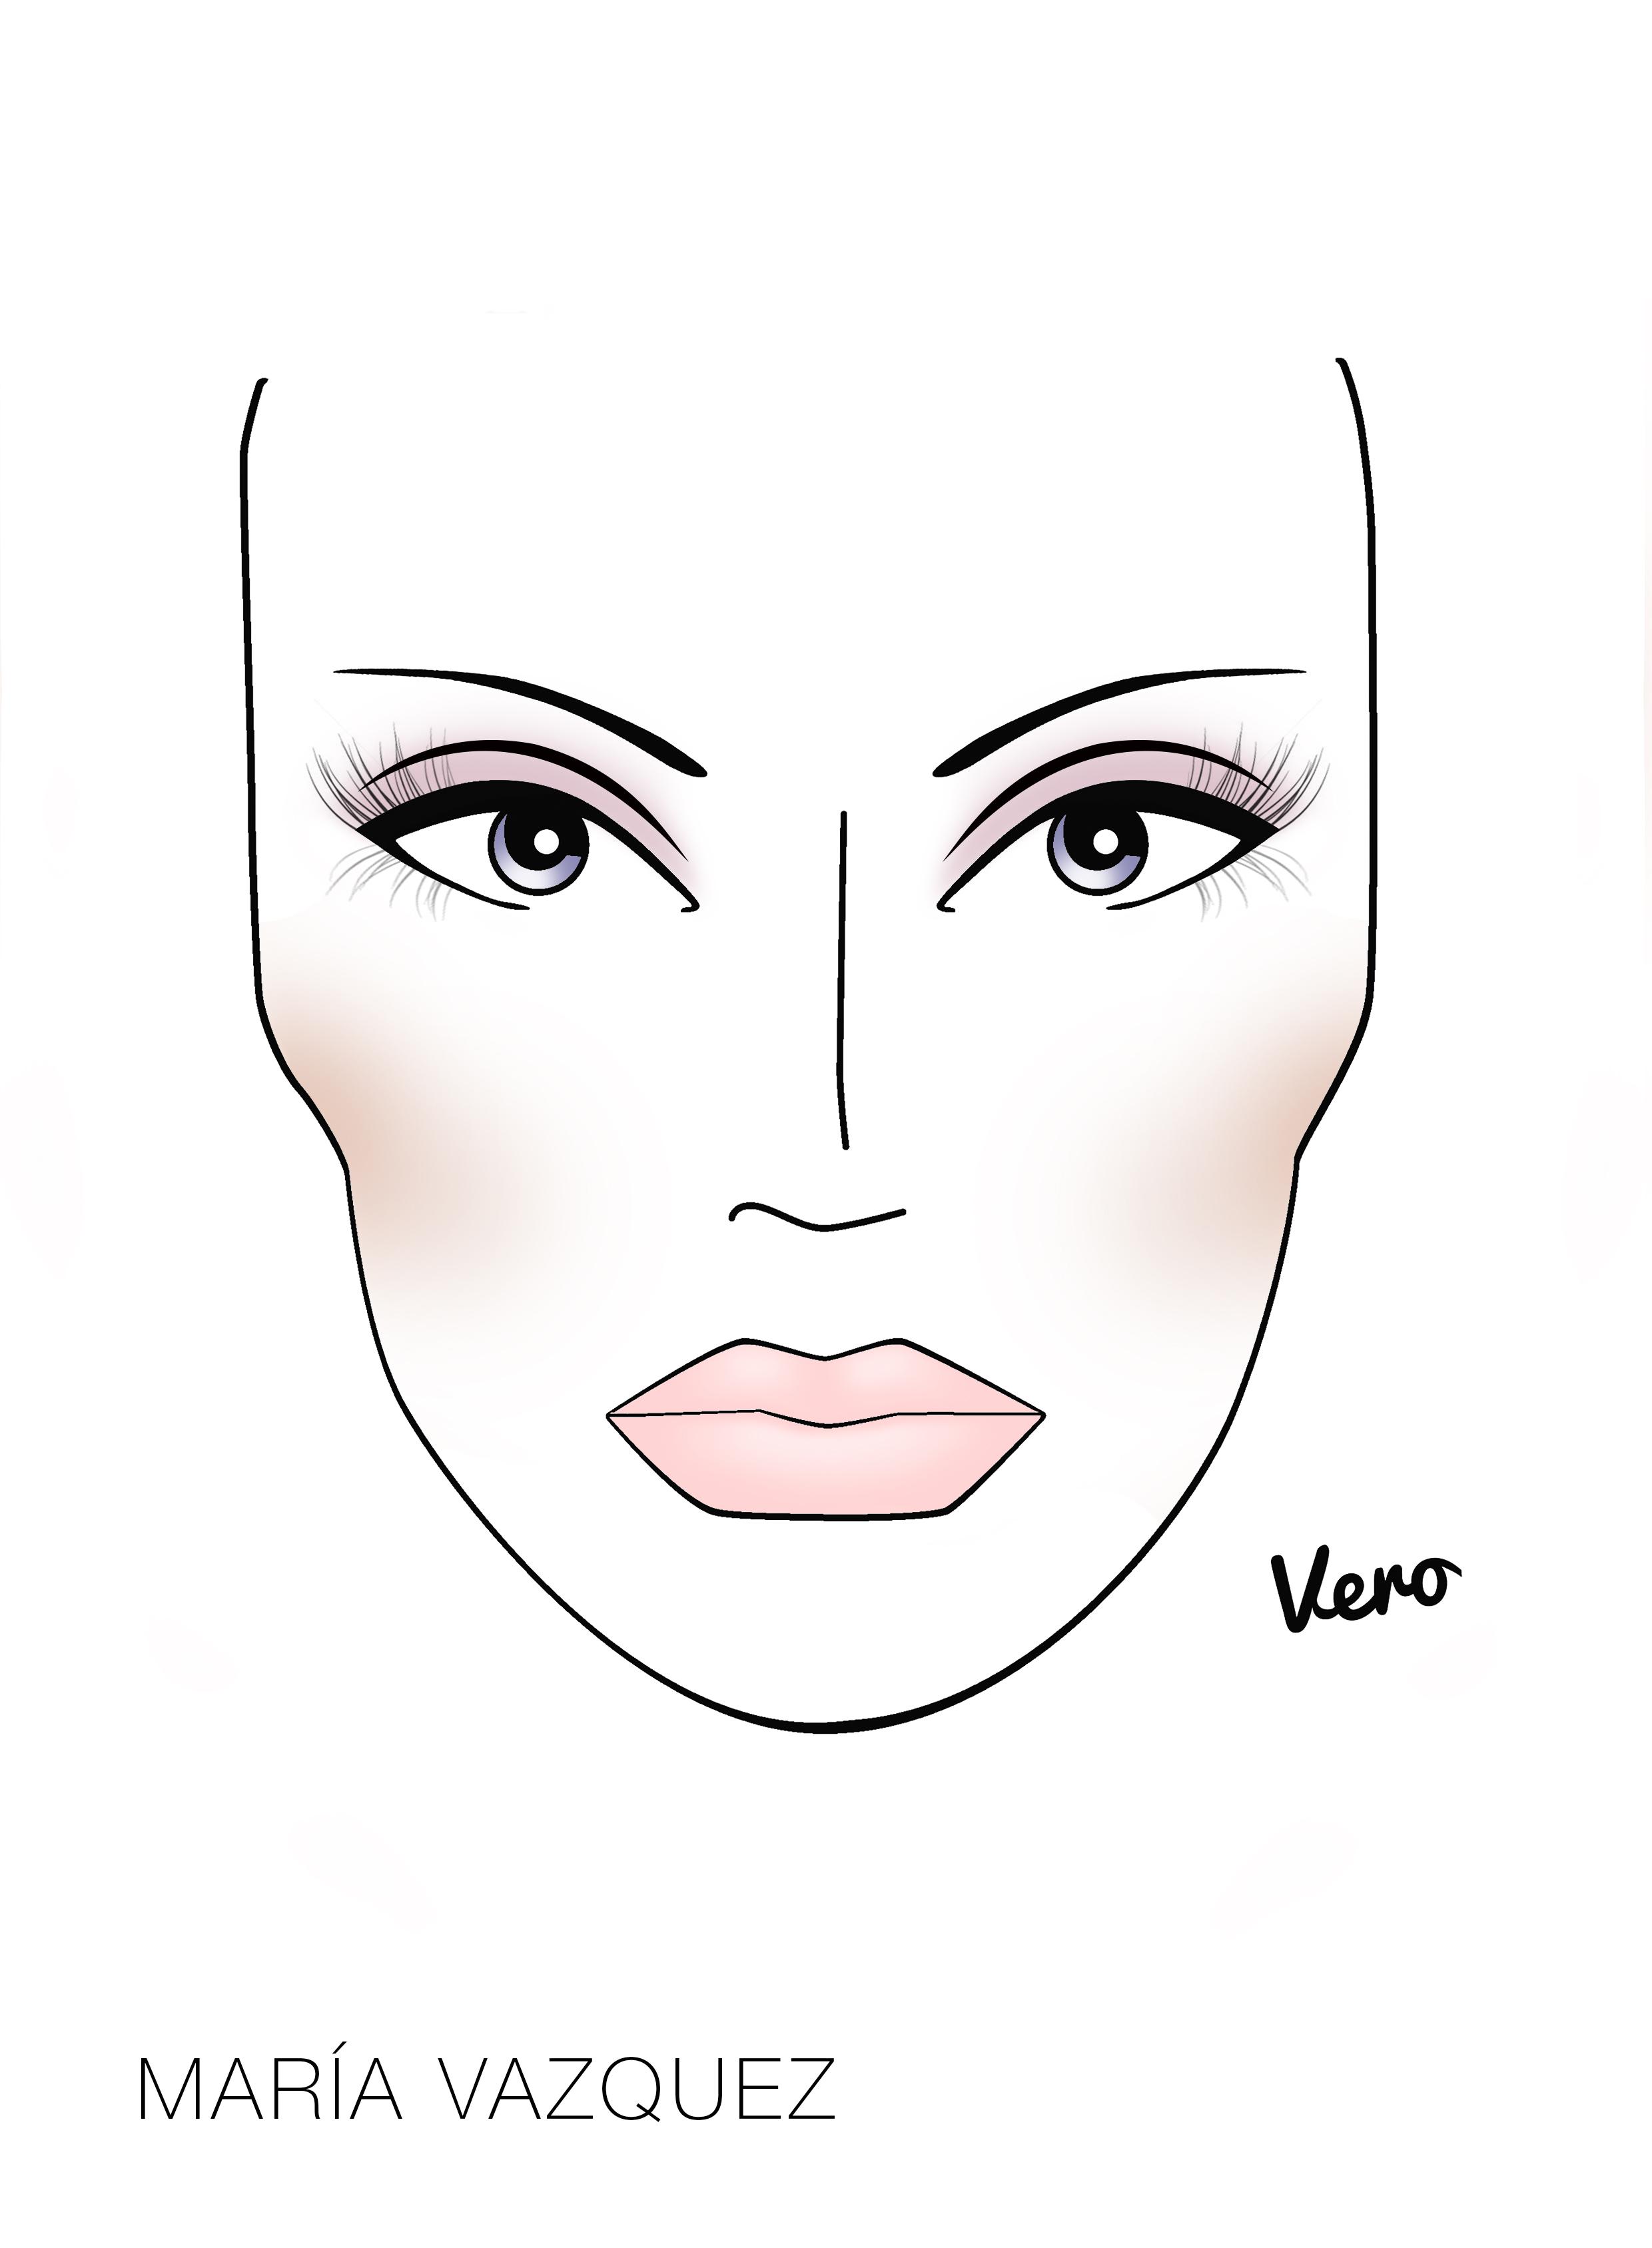 Para satinar los pómulos haciéndolos lucir brillantes se utilizó el iluminador en barra y para los labios un toque de labial efecto gloss rosa 81.